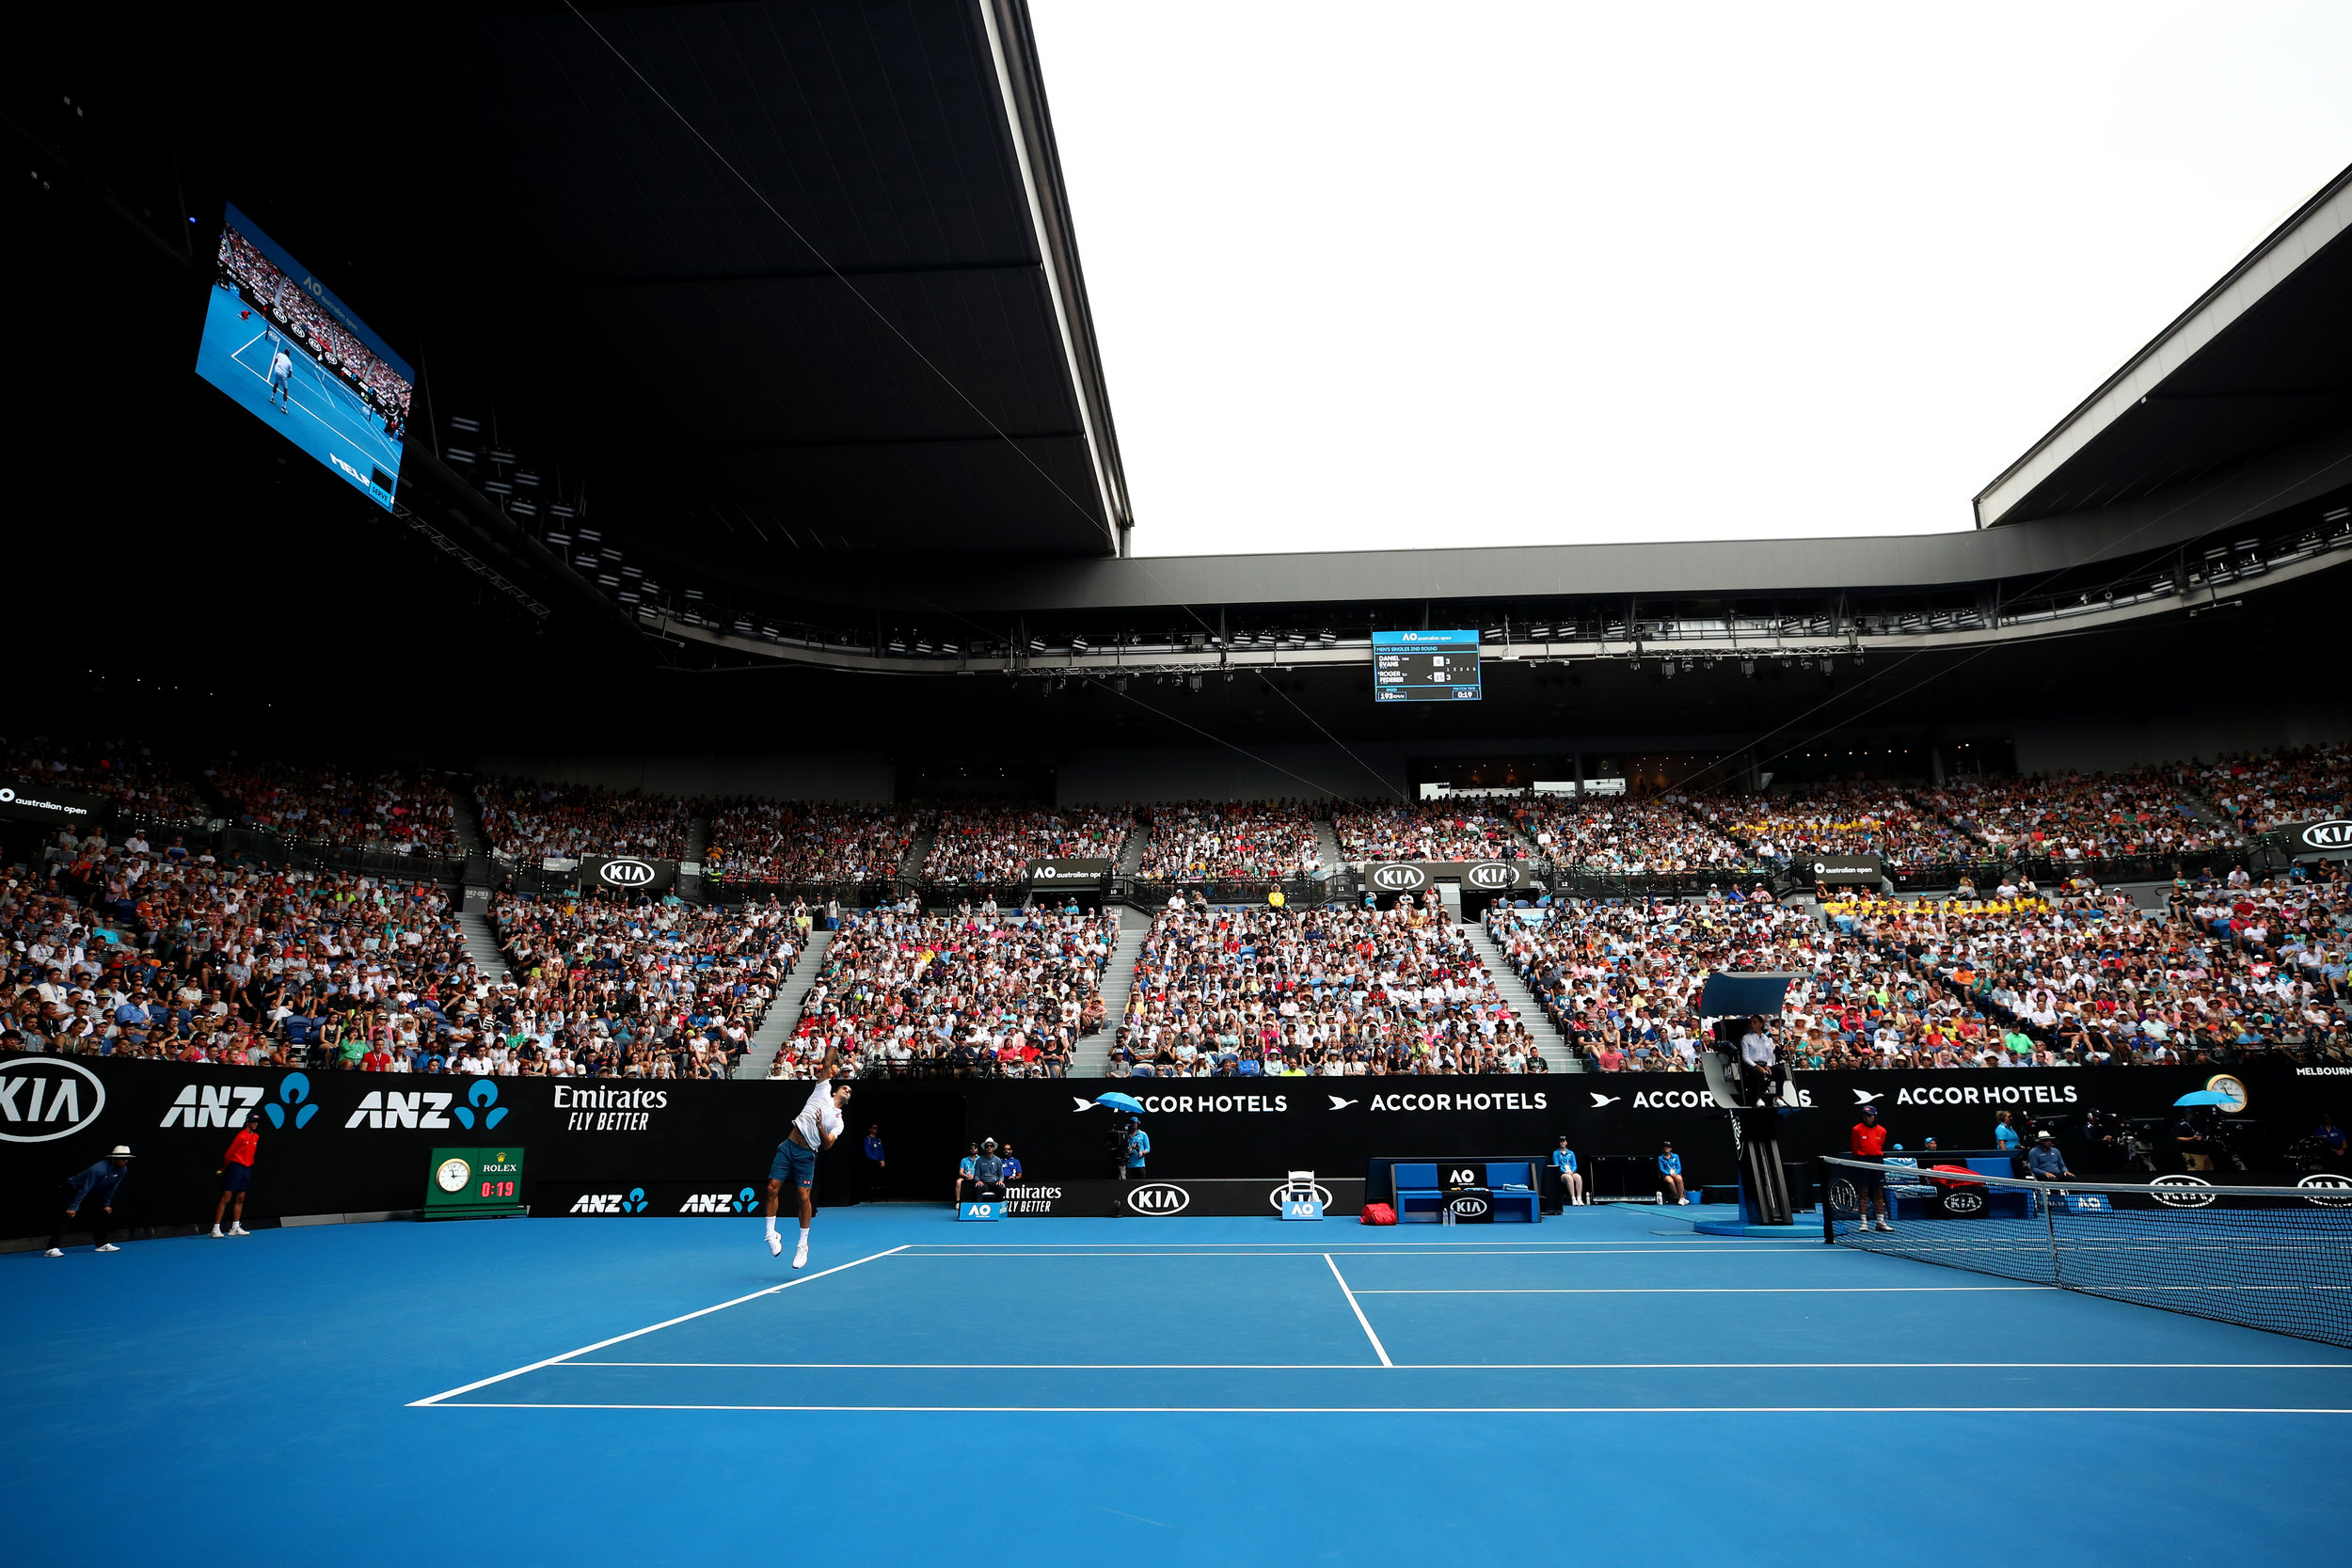 Roger Federer serving, Rod Laver Arena